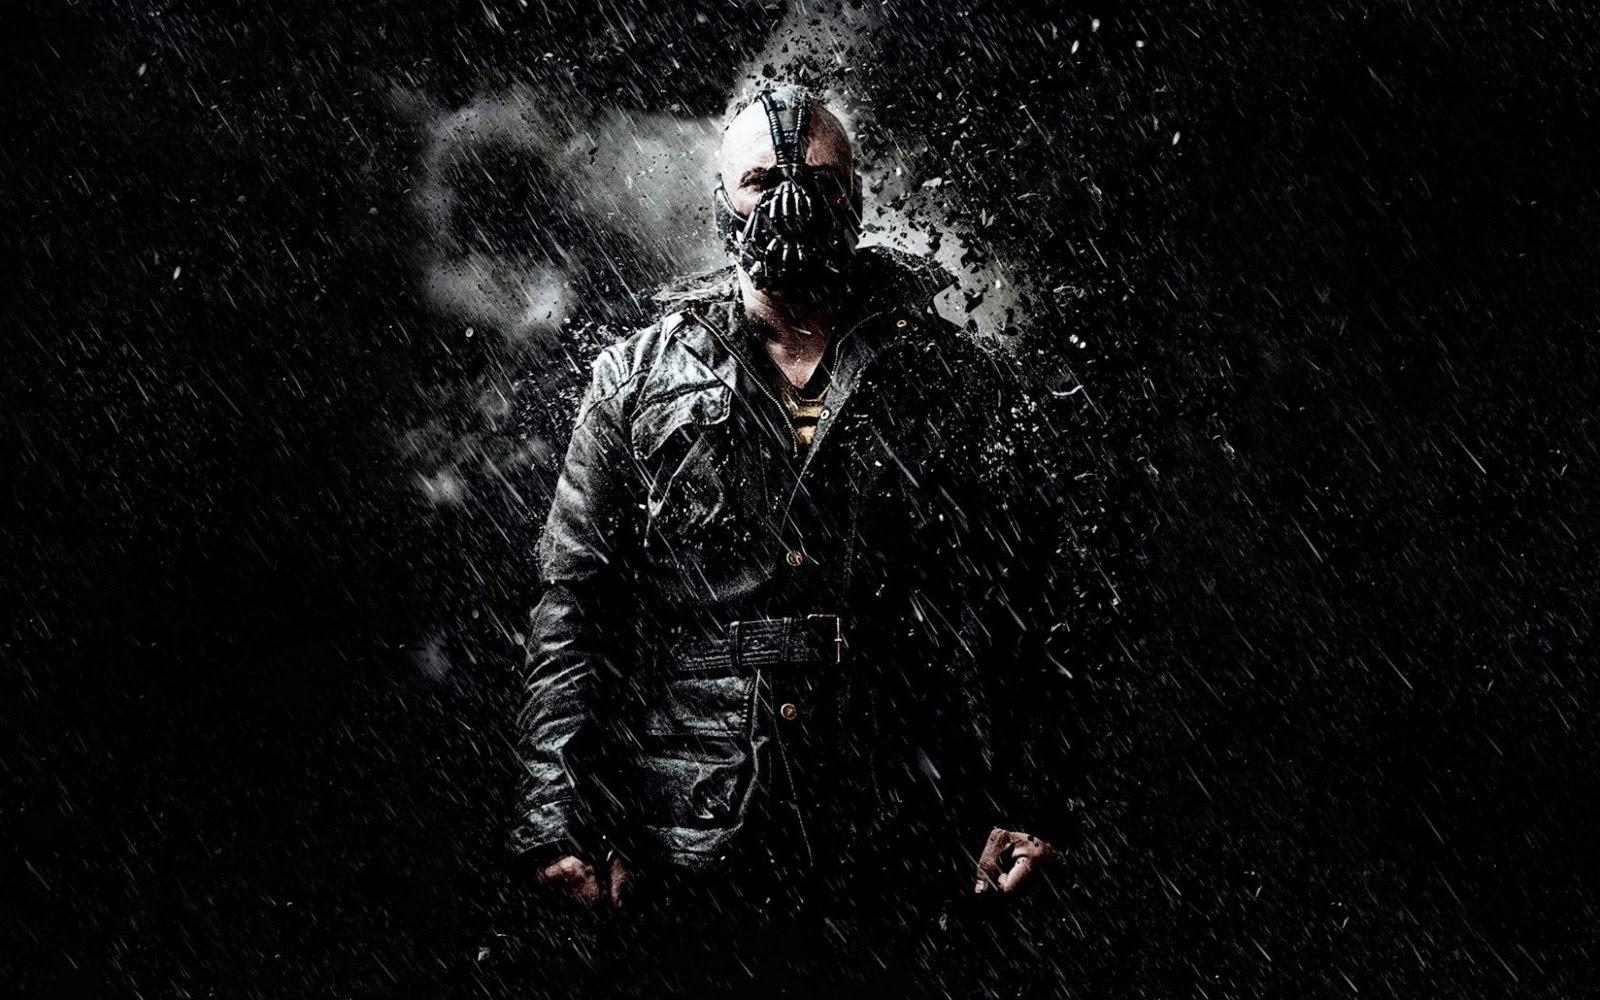 Bane Wallpaper Dark Knight Rises - WallpaperSafari